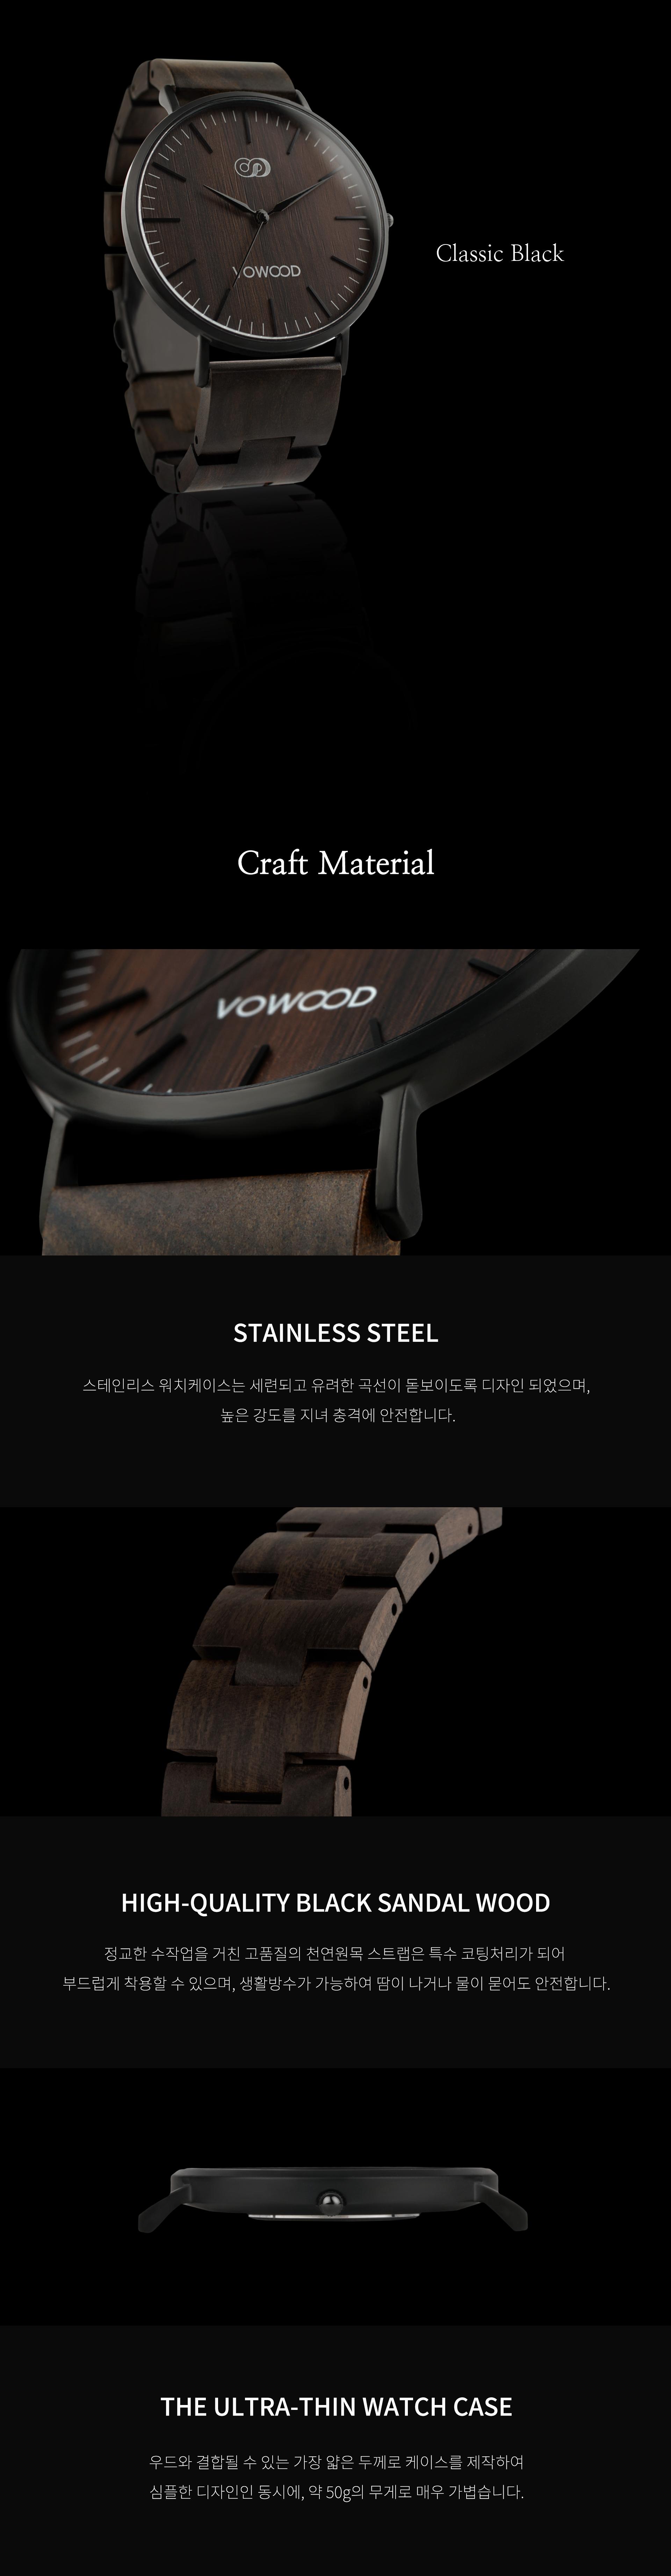 Union - Classic Black Couple249,000원-바우드패션잡화, 손목시계, 커플시계, 커플시계바보사랑Union - Classic Black Couple249,000원-바우드패션잡화, 손목시계, 커플시계, 커플시계바보사랑